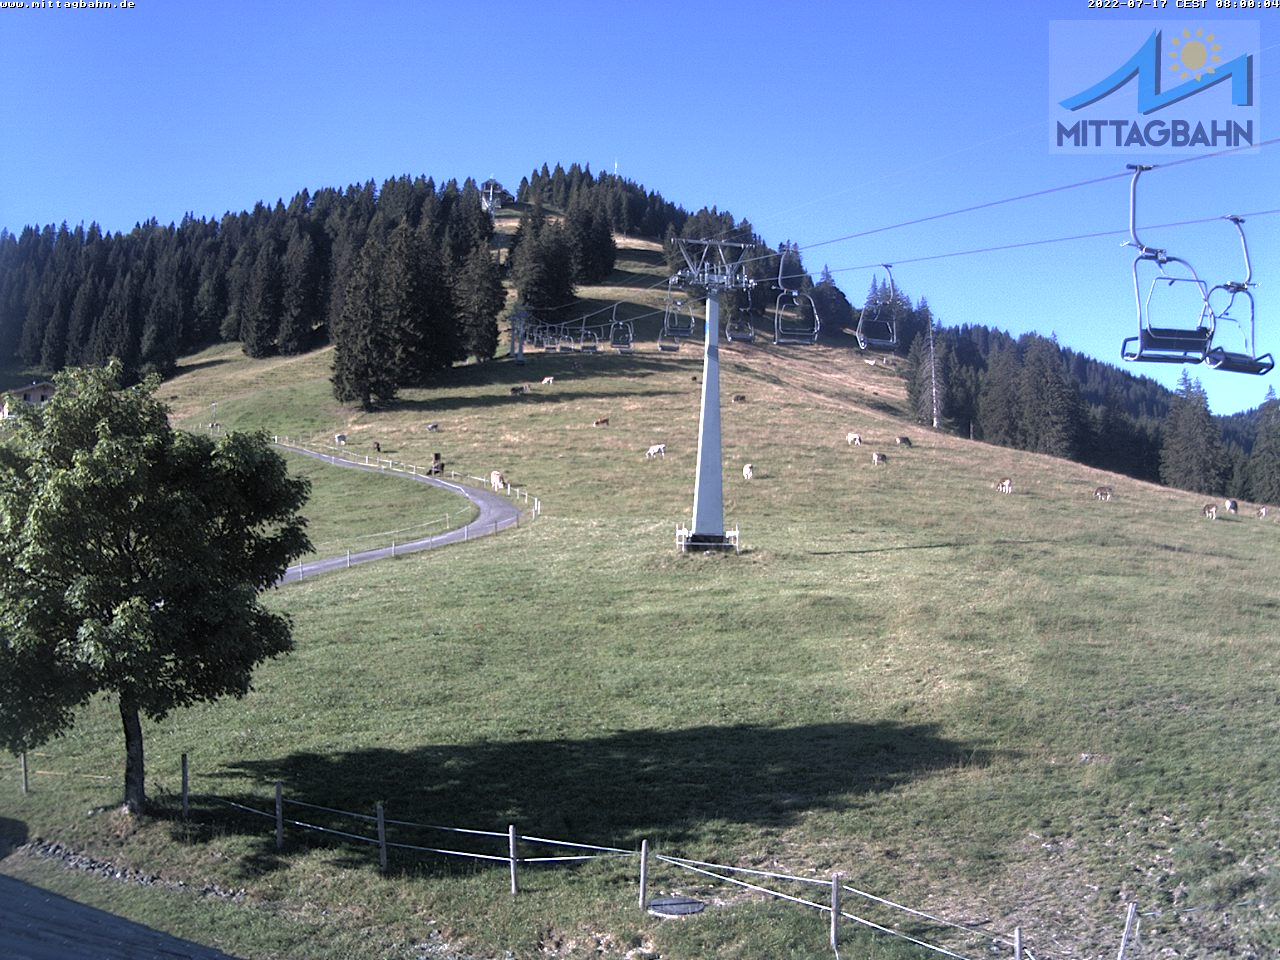 Webcam Skigebiet Immenstadt - Mittag cam 5 - Allg�u